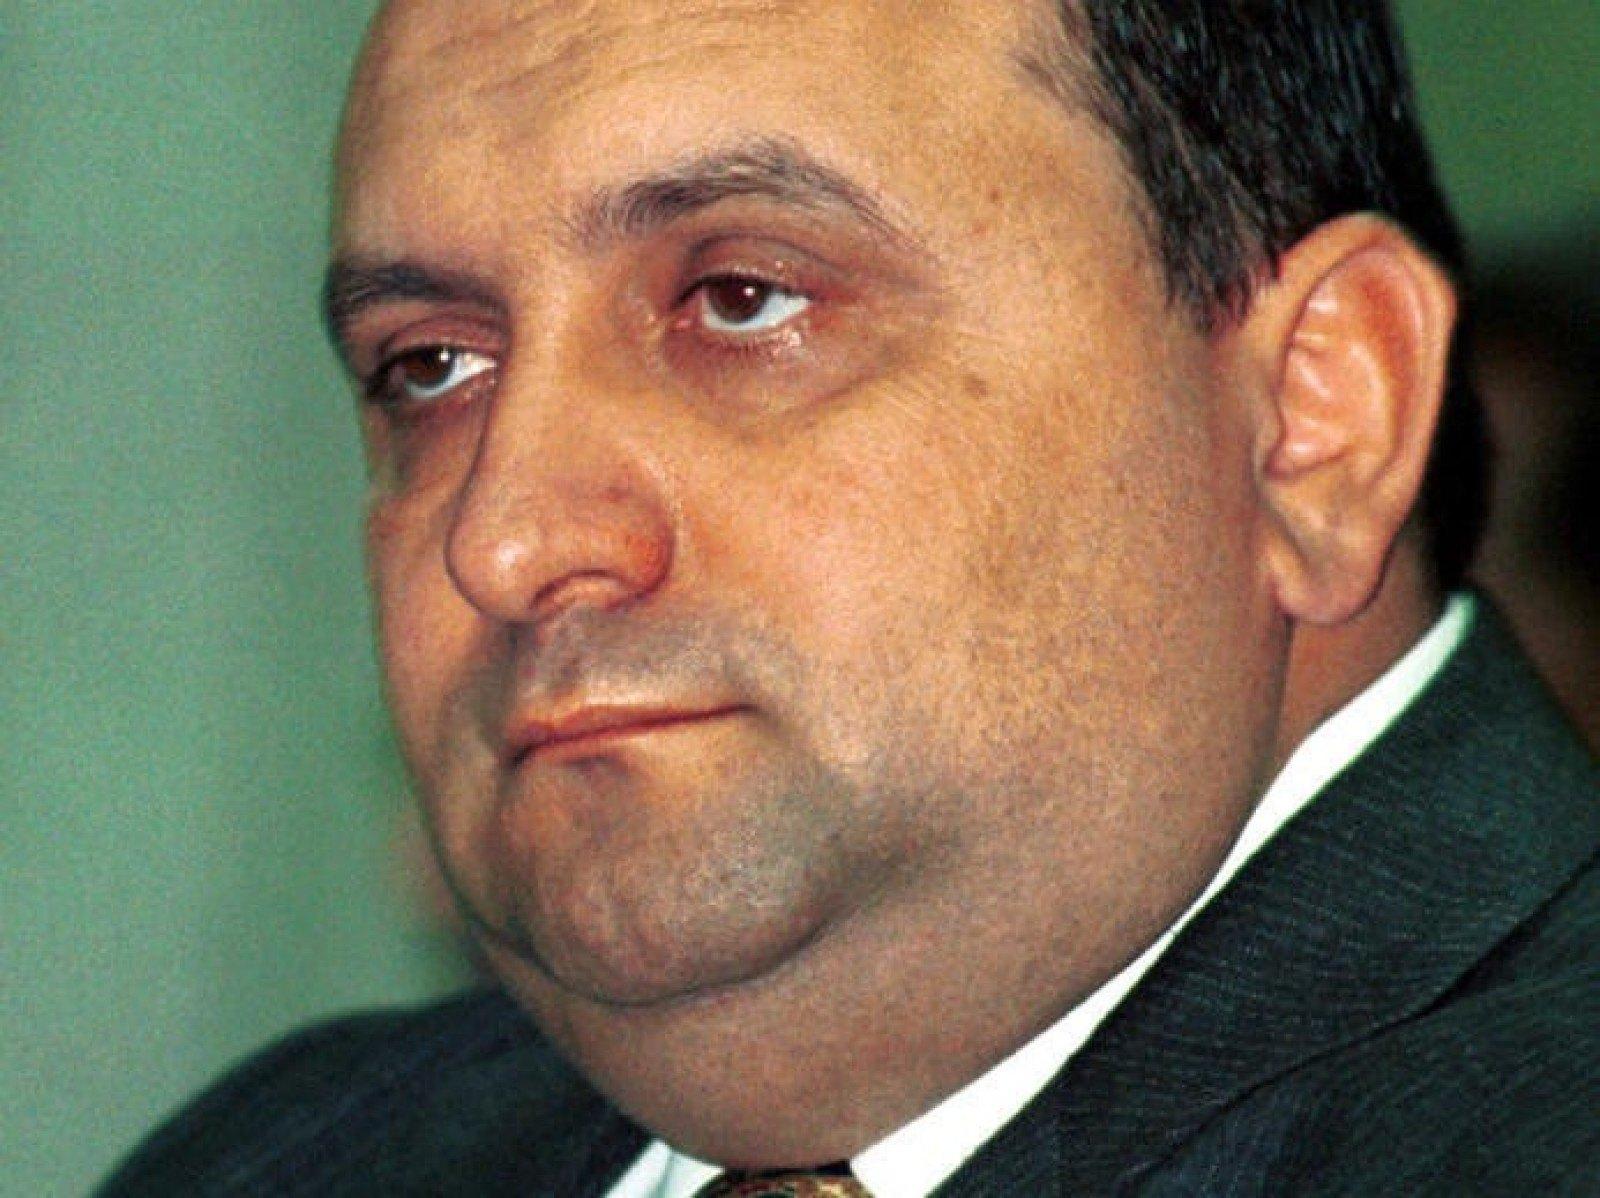 Consilierul mafiotului Dragnea, Dumitru Iliescu, un tigan mostenit de la (semi)tiganul Ion Iliescu